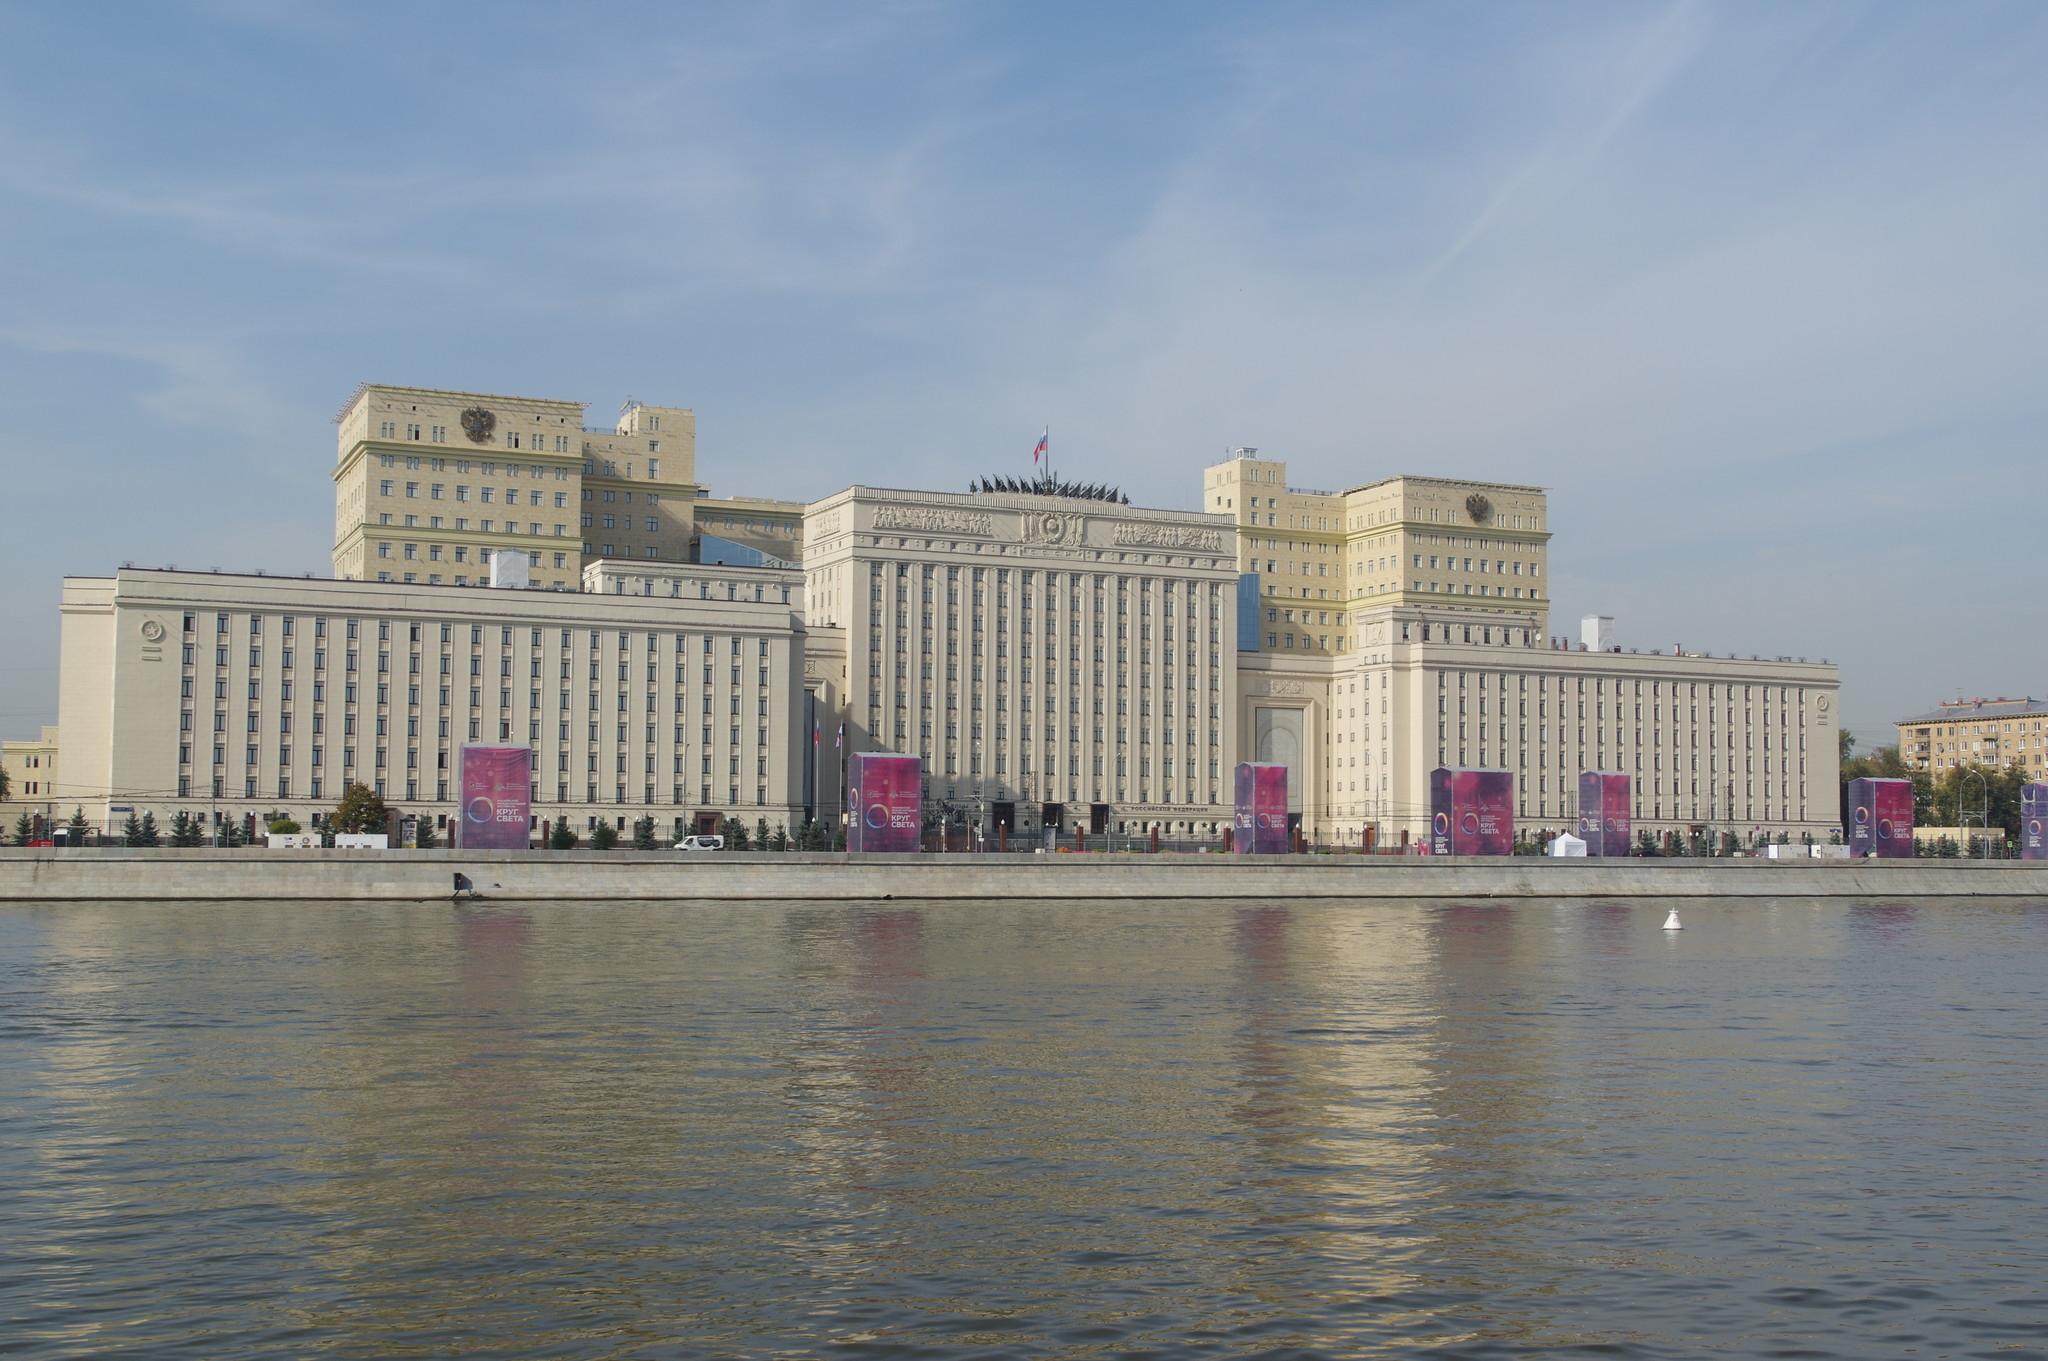 Национальный центр управления обороной Российской Федерации (Фрунзенская набережная. дом 22)